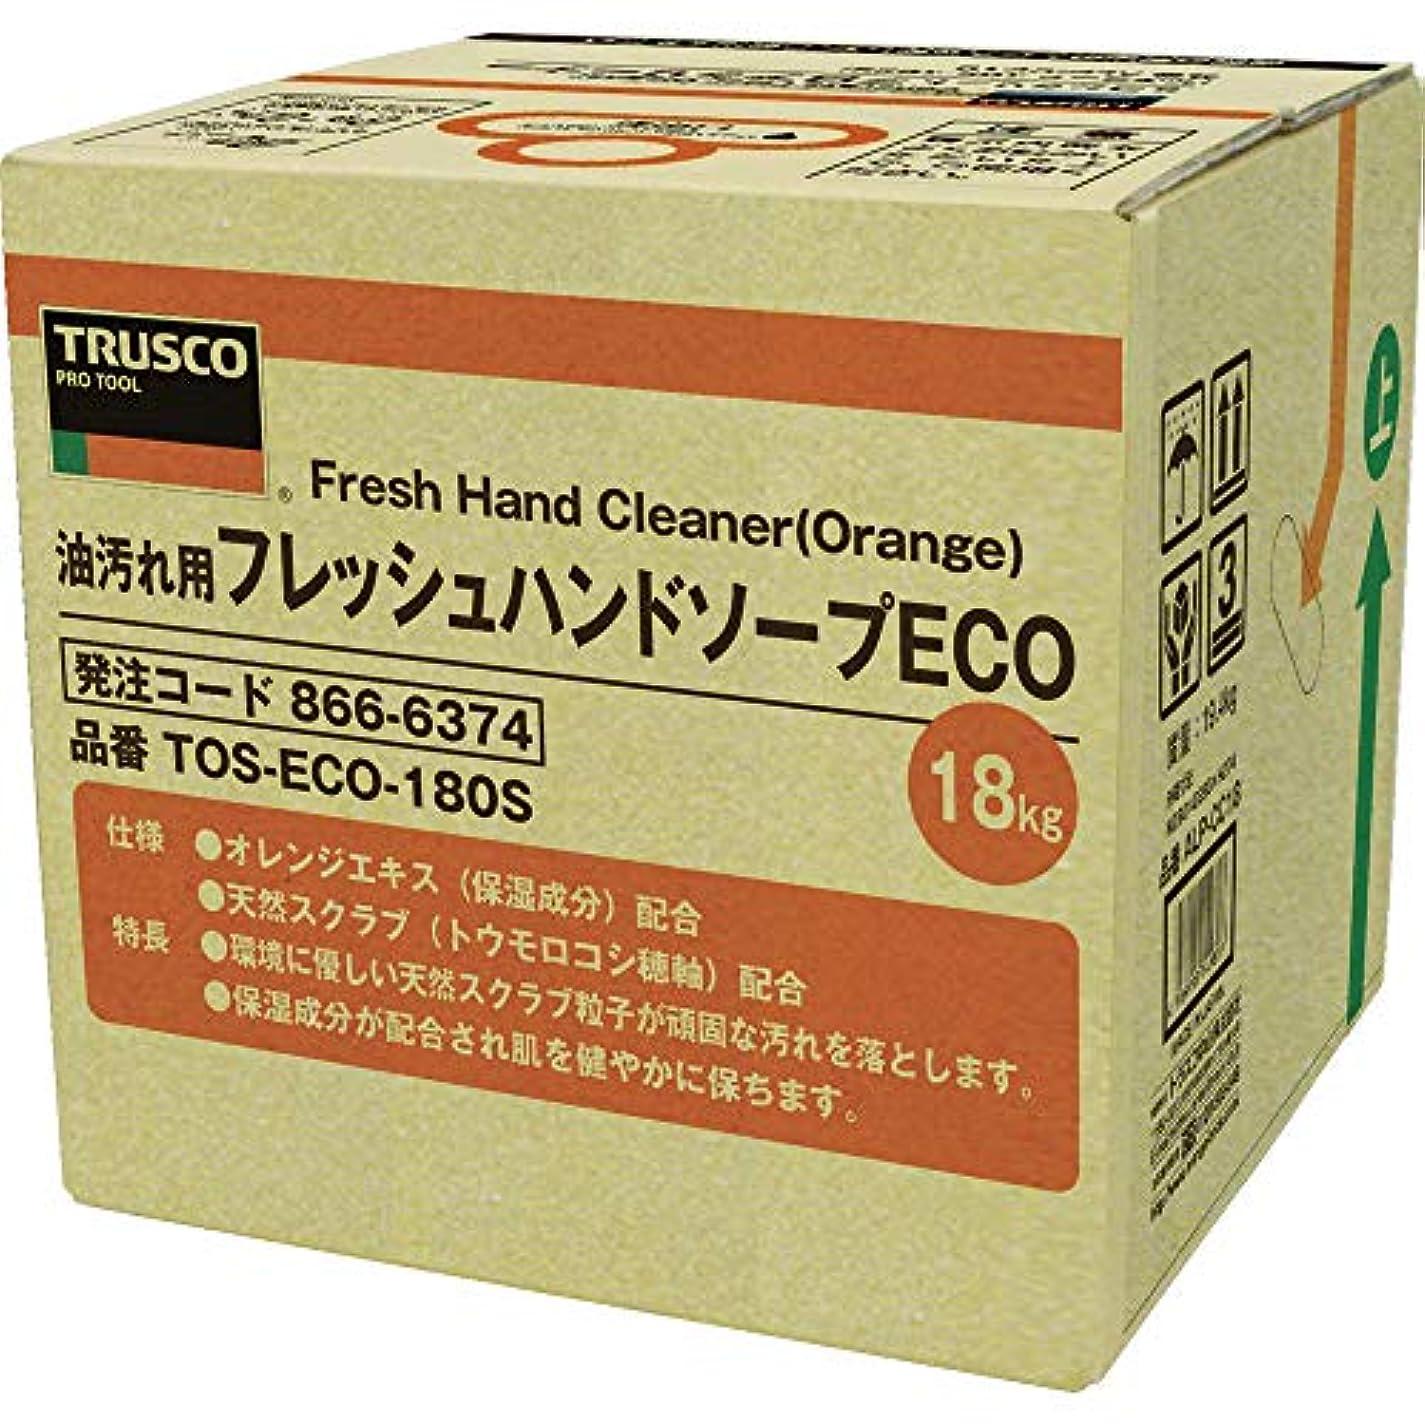 キャベツ適格平等TRUSCO(トラスコ) フレッシュハンドソープECO 18L 詰替 バッグインボックス TOSECO180S